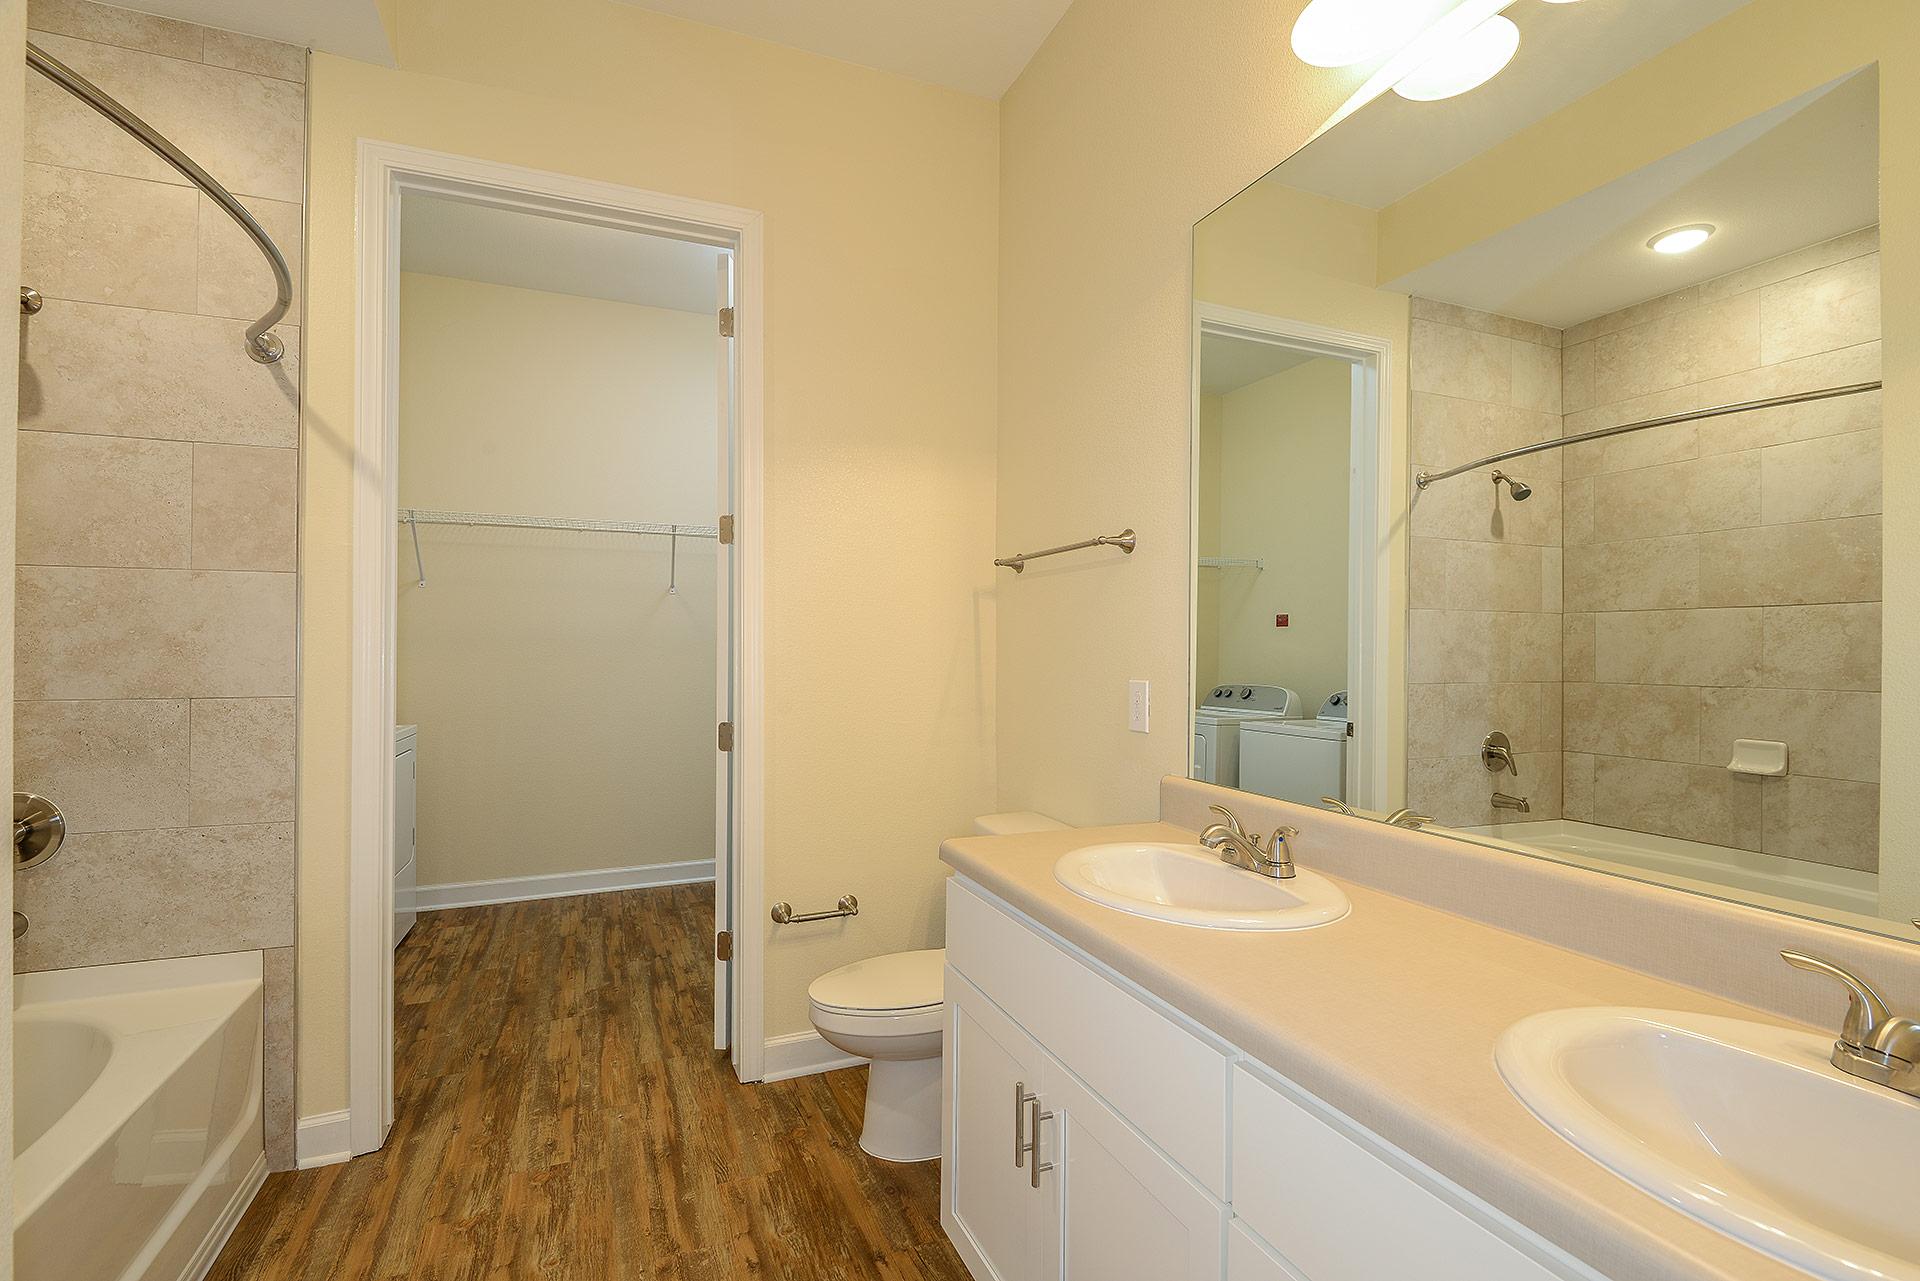 Wooden floor bathroom unit